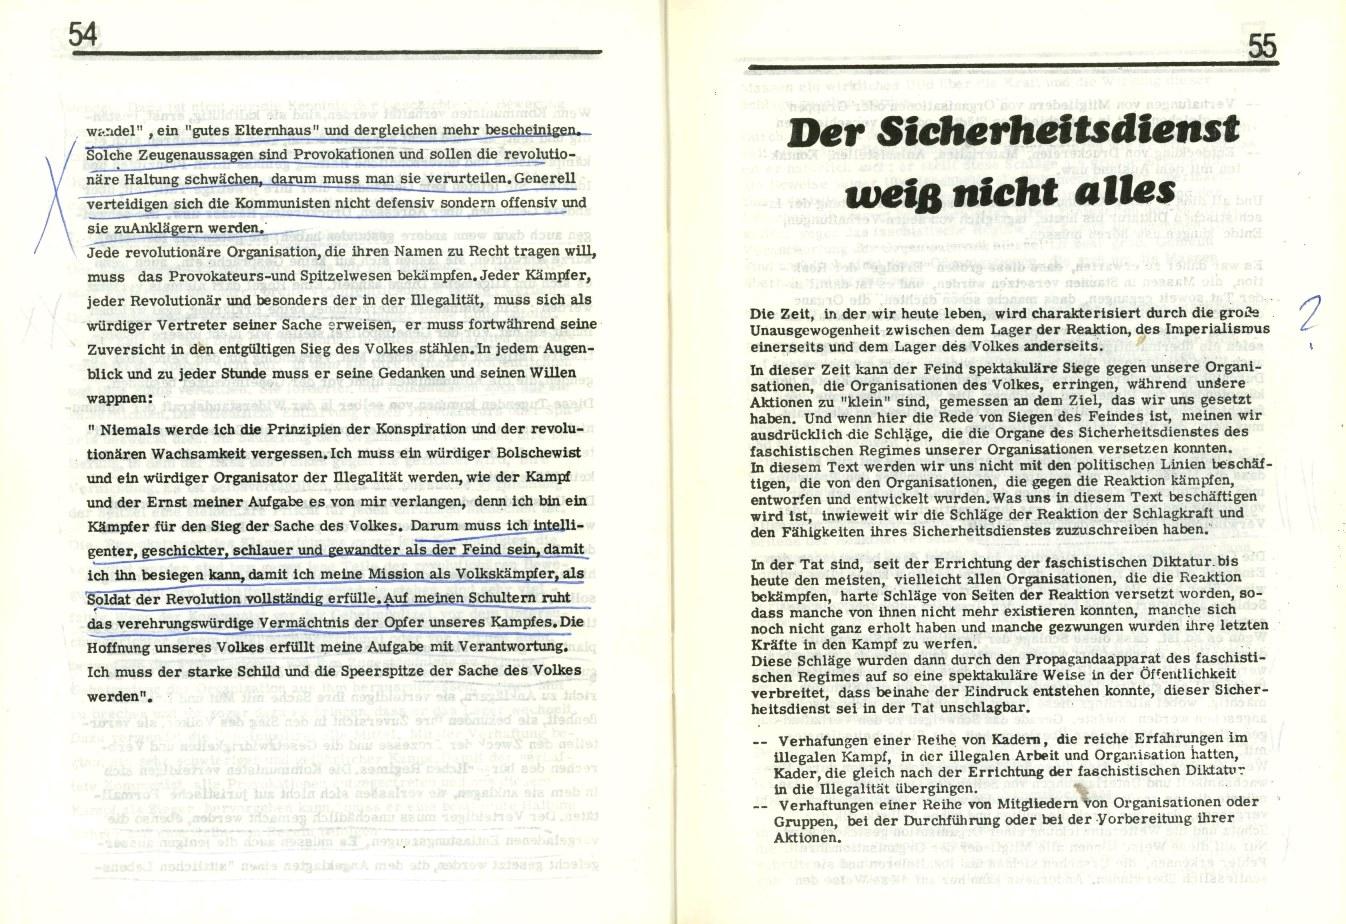 Griechenland_Griechische_ML_1971_Dokumente_01_28